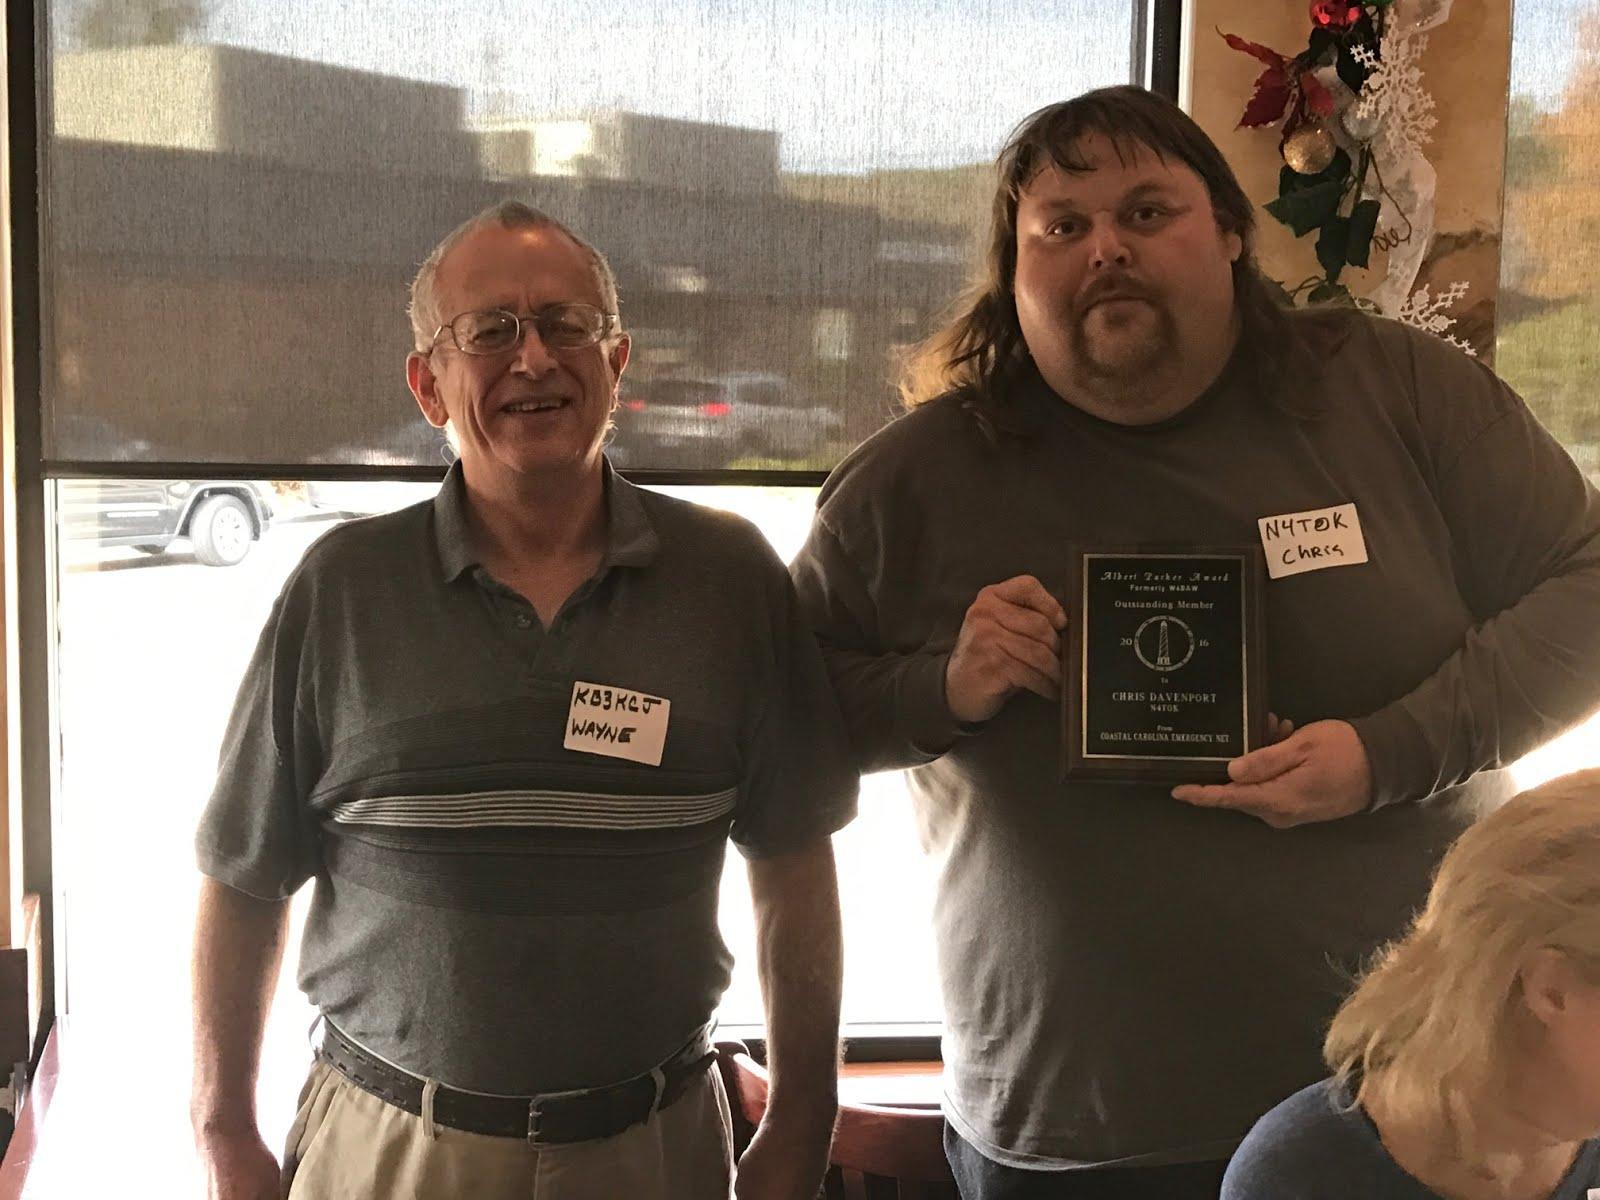 Chris Davenport N4TOK - 2016 Al Parker Award Winner